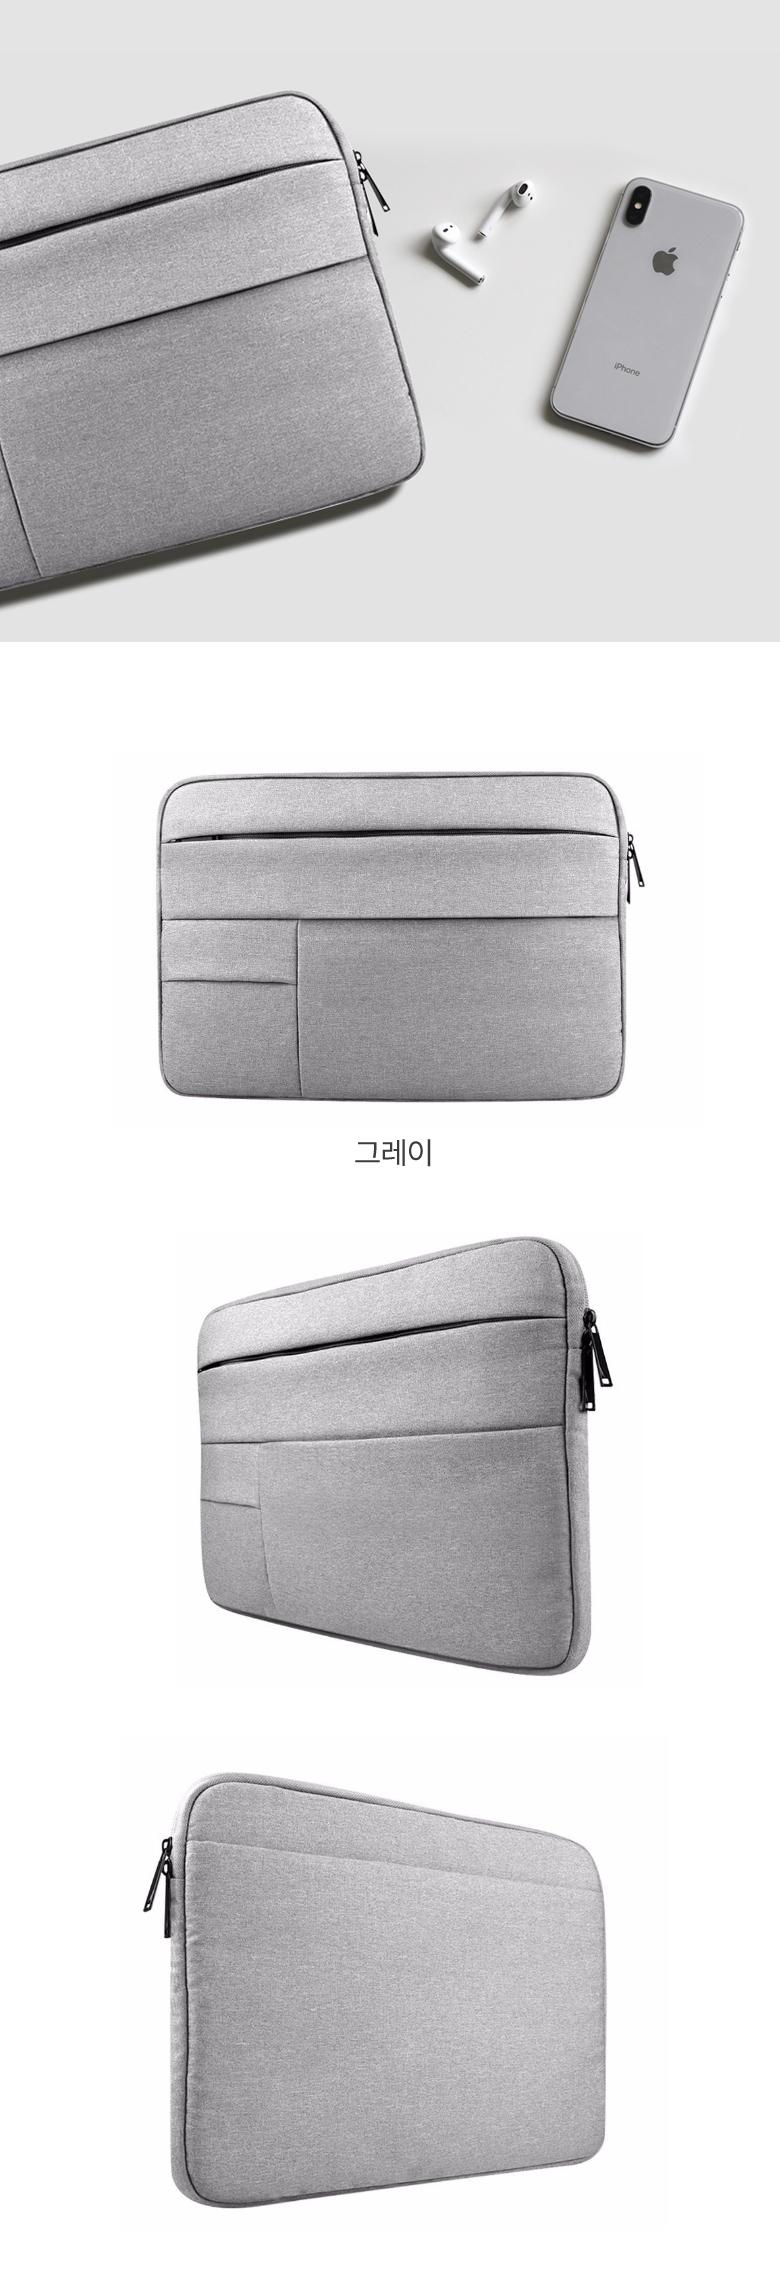 데일리 노트북 파우치 po05 - 옹데, 14,900원, 노트북 케이스/파우치, 35.56cm~39.62cm